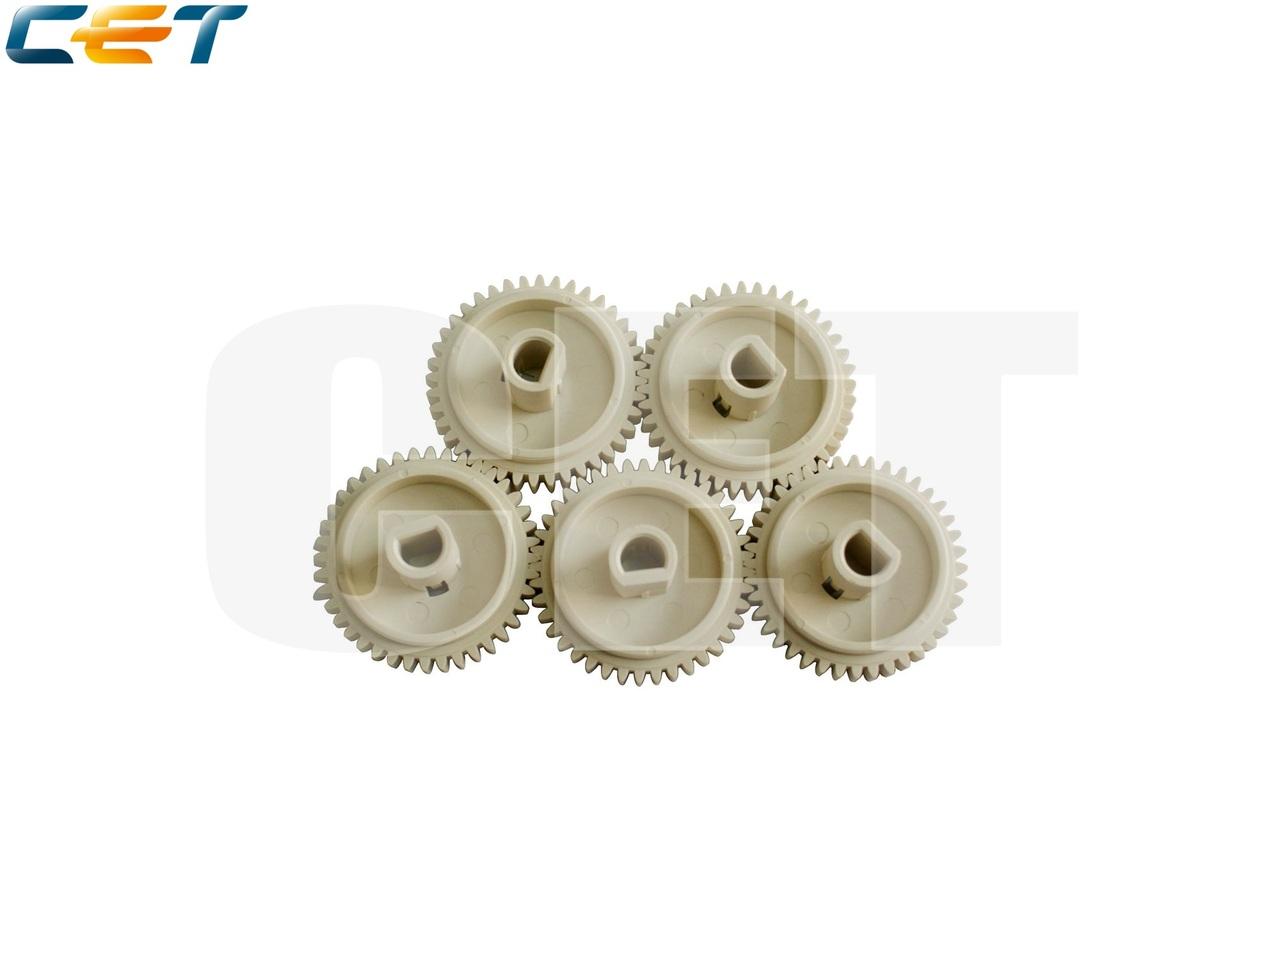 Шестерня привода резинового вала 40T RU5-0016-000 для HPLaserJet 4200/4300 (CET), CET1062